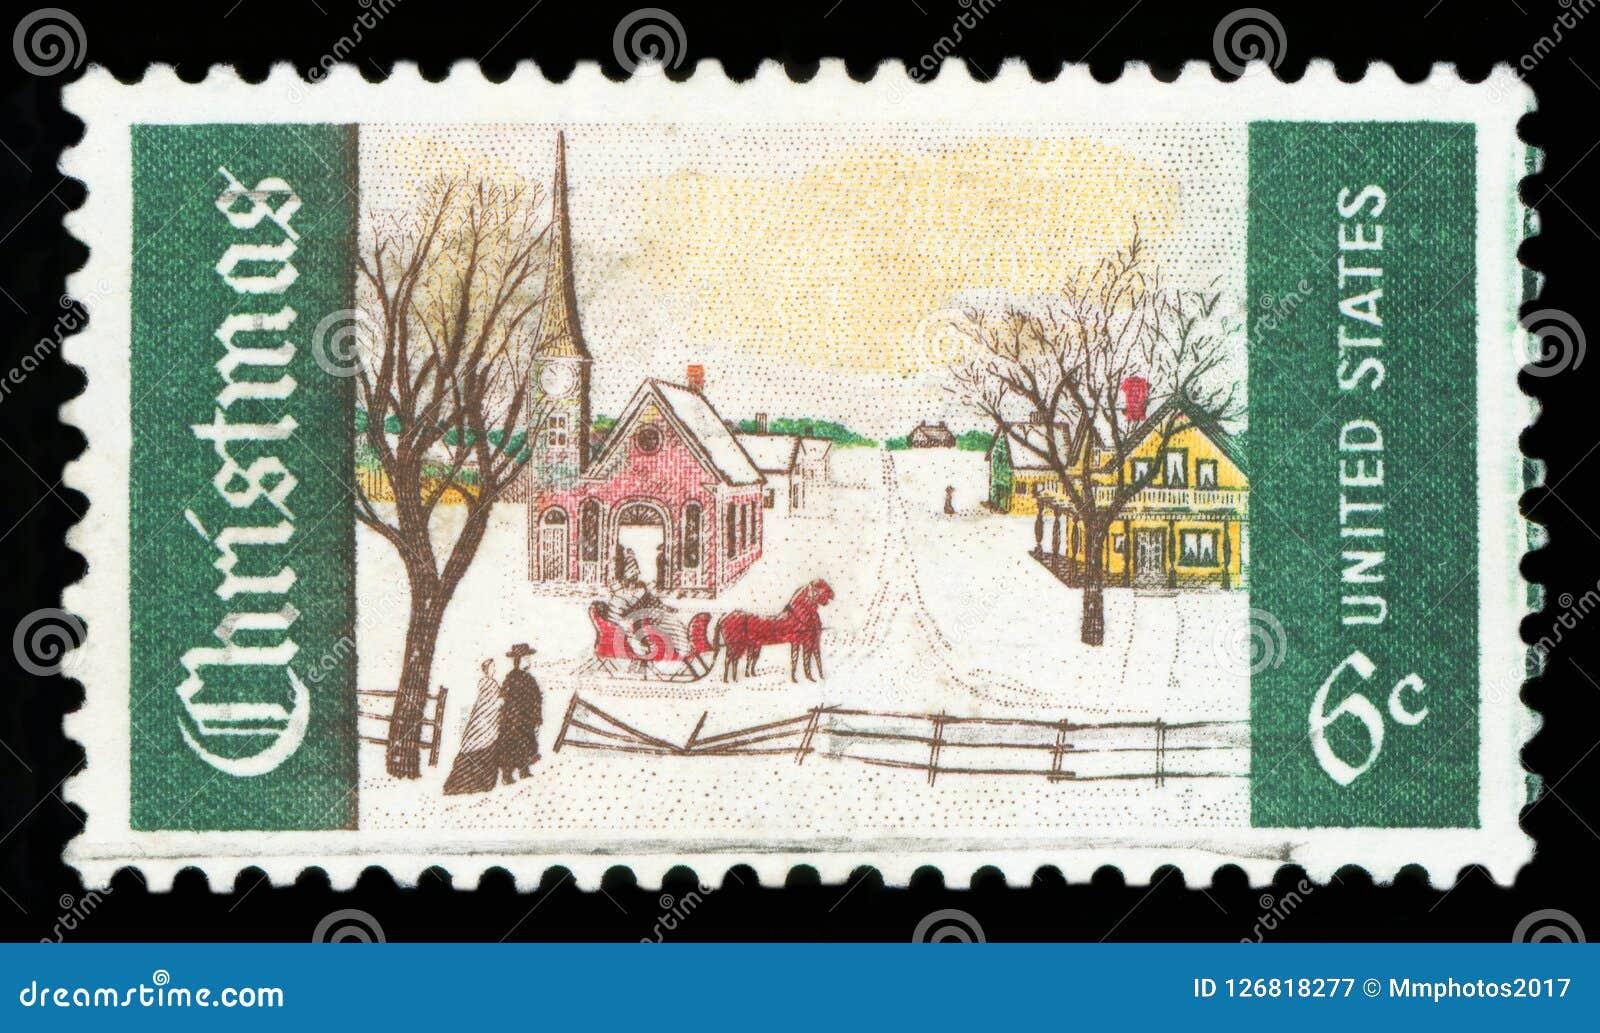 DIE VEREINIGTEN STAATEN VON AMERIKA - Briefmarke